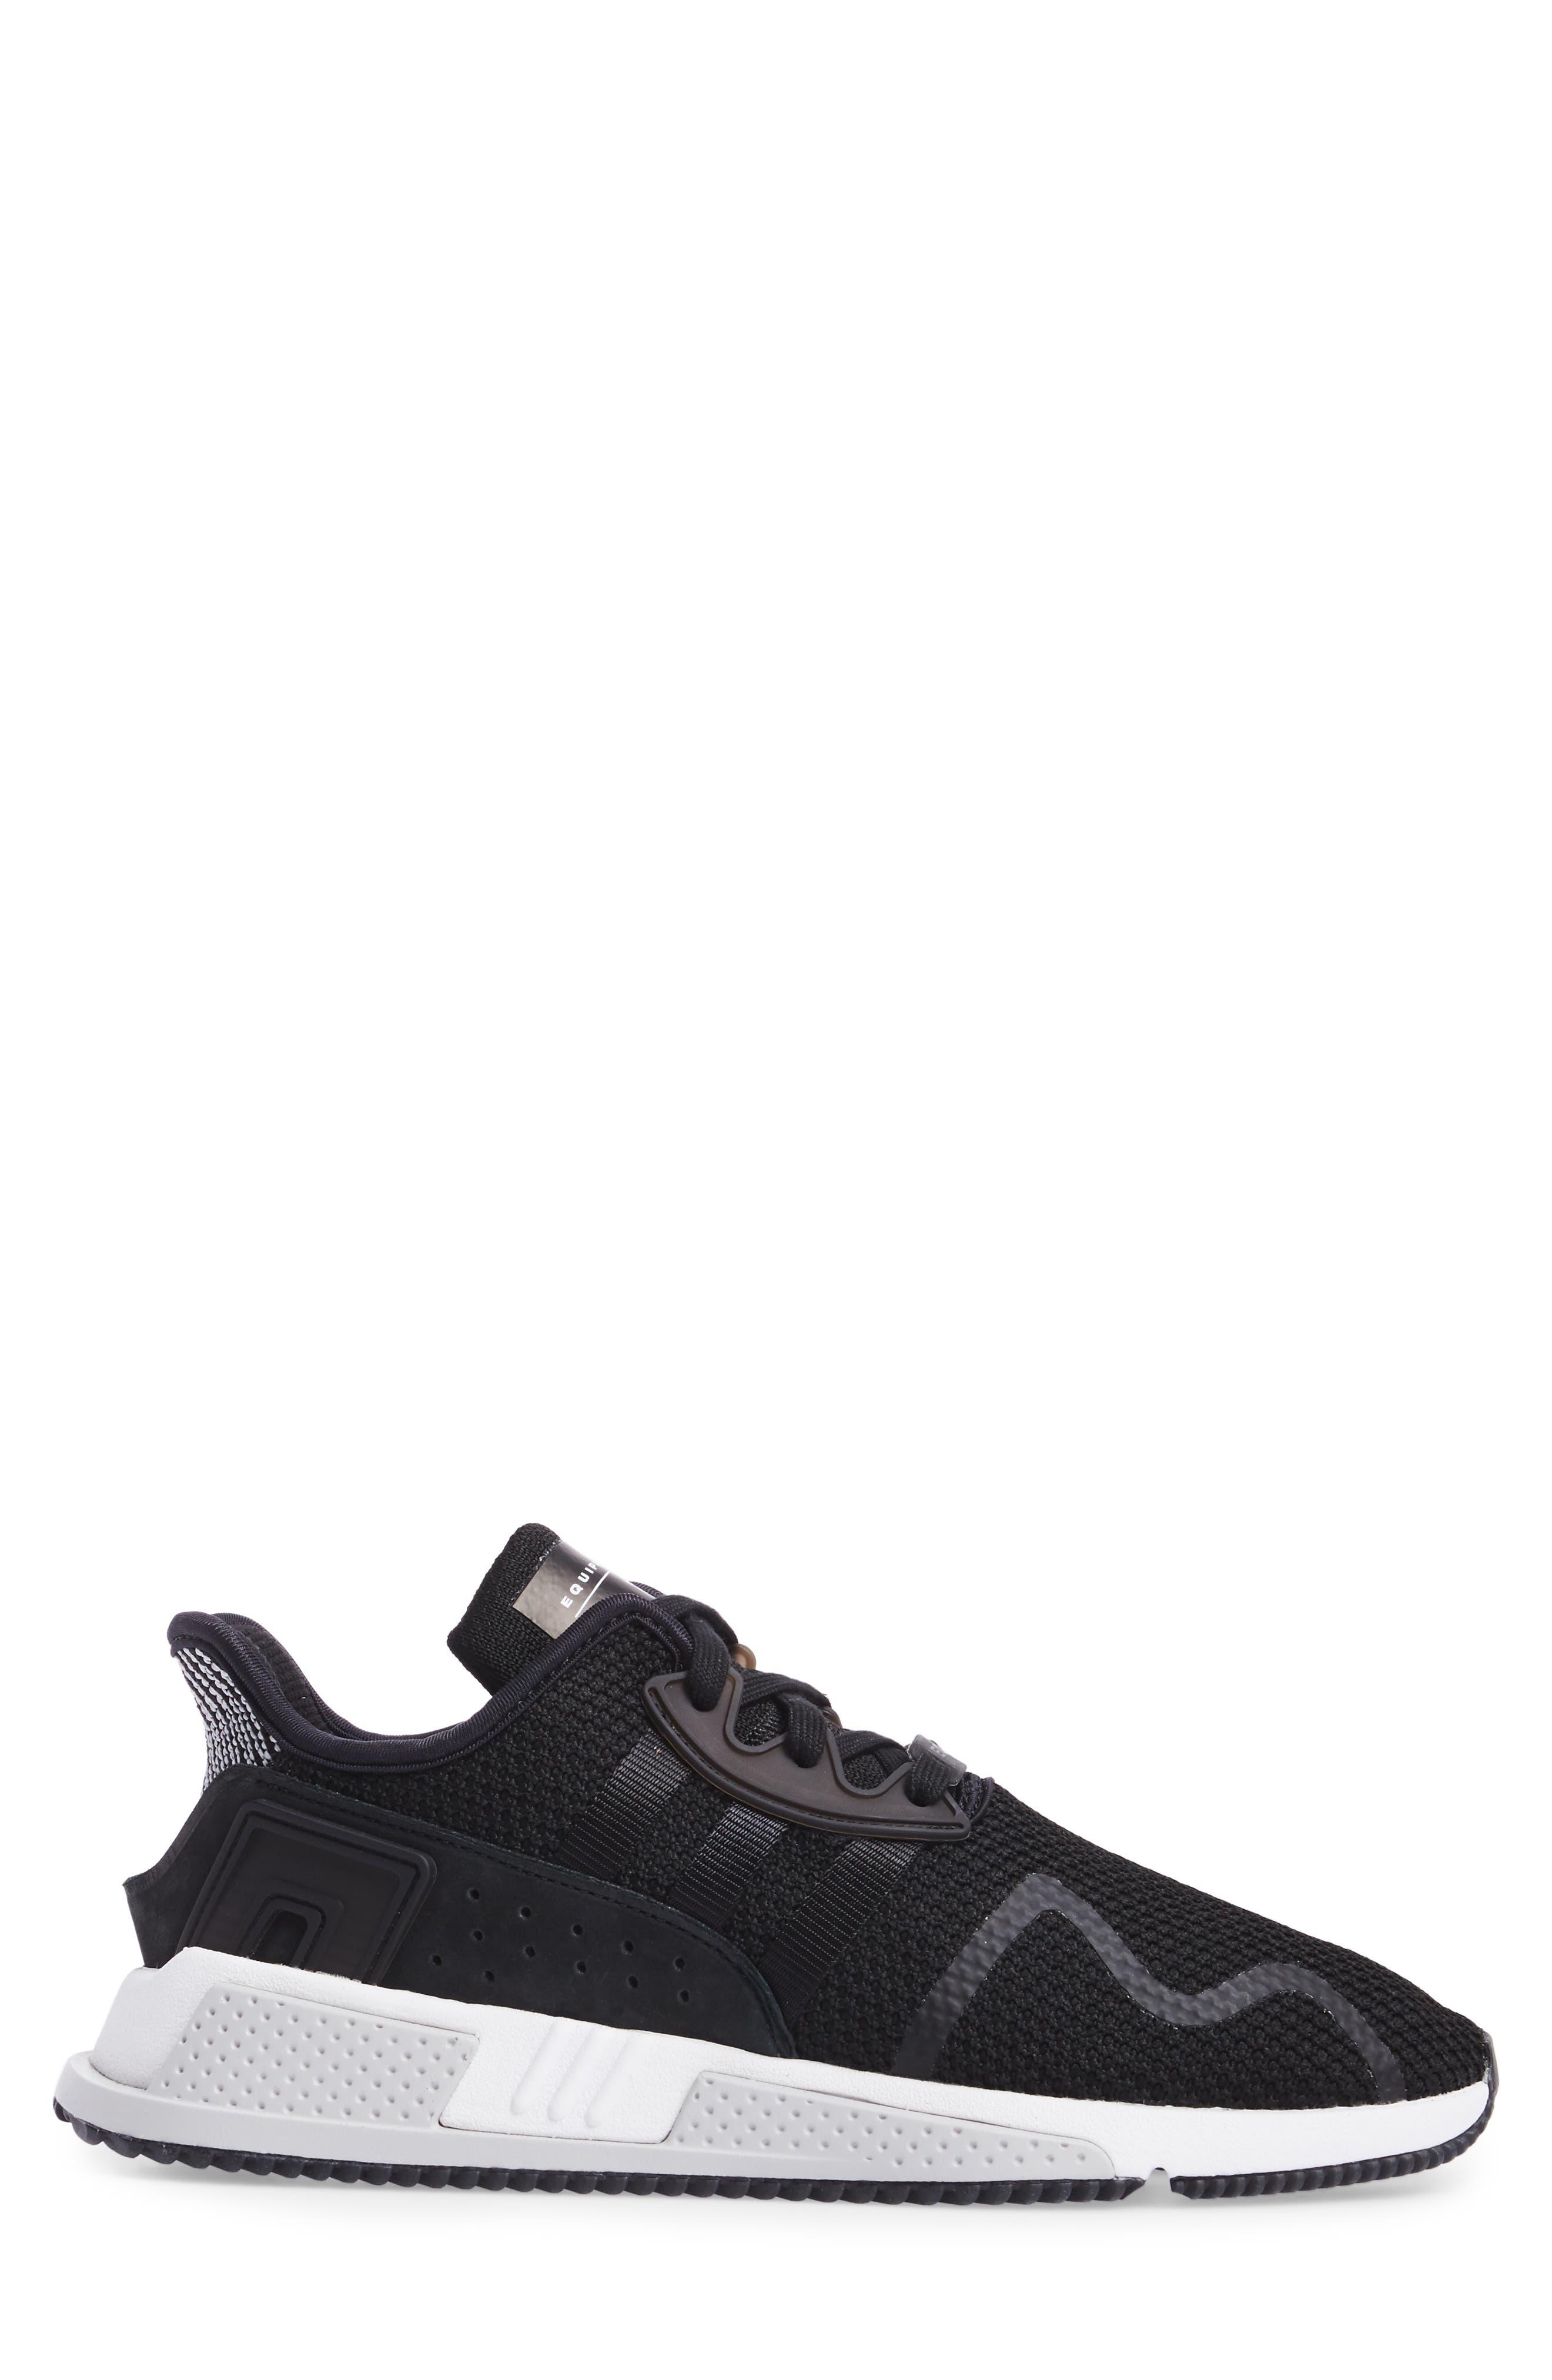 EQT Cushion ADV Sneaker,                             Alternate thumbnail 3, color,                             001